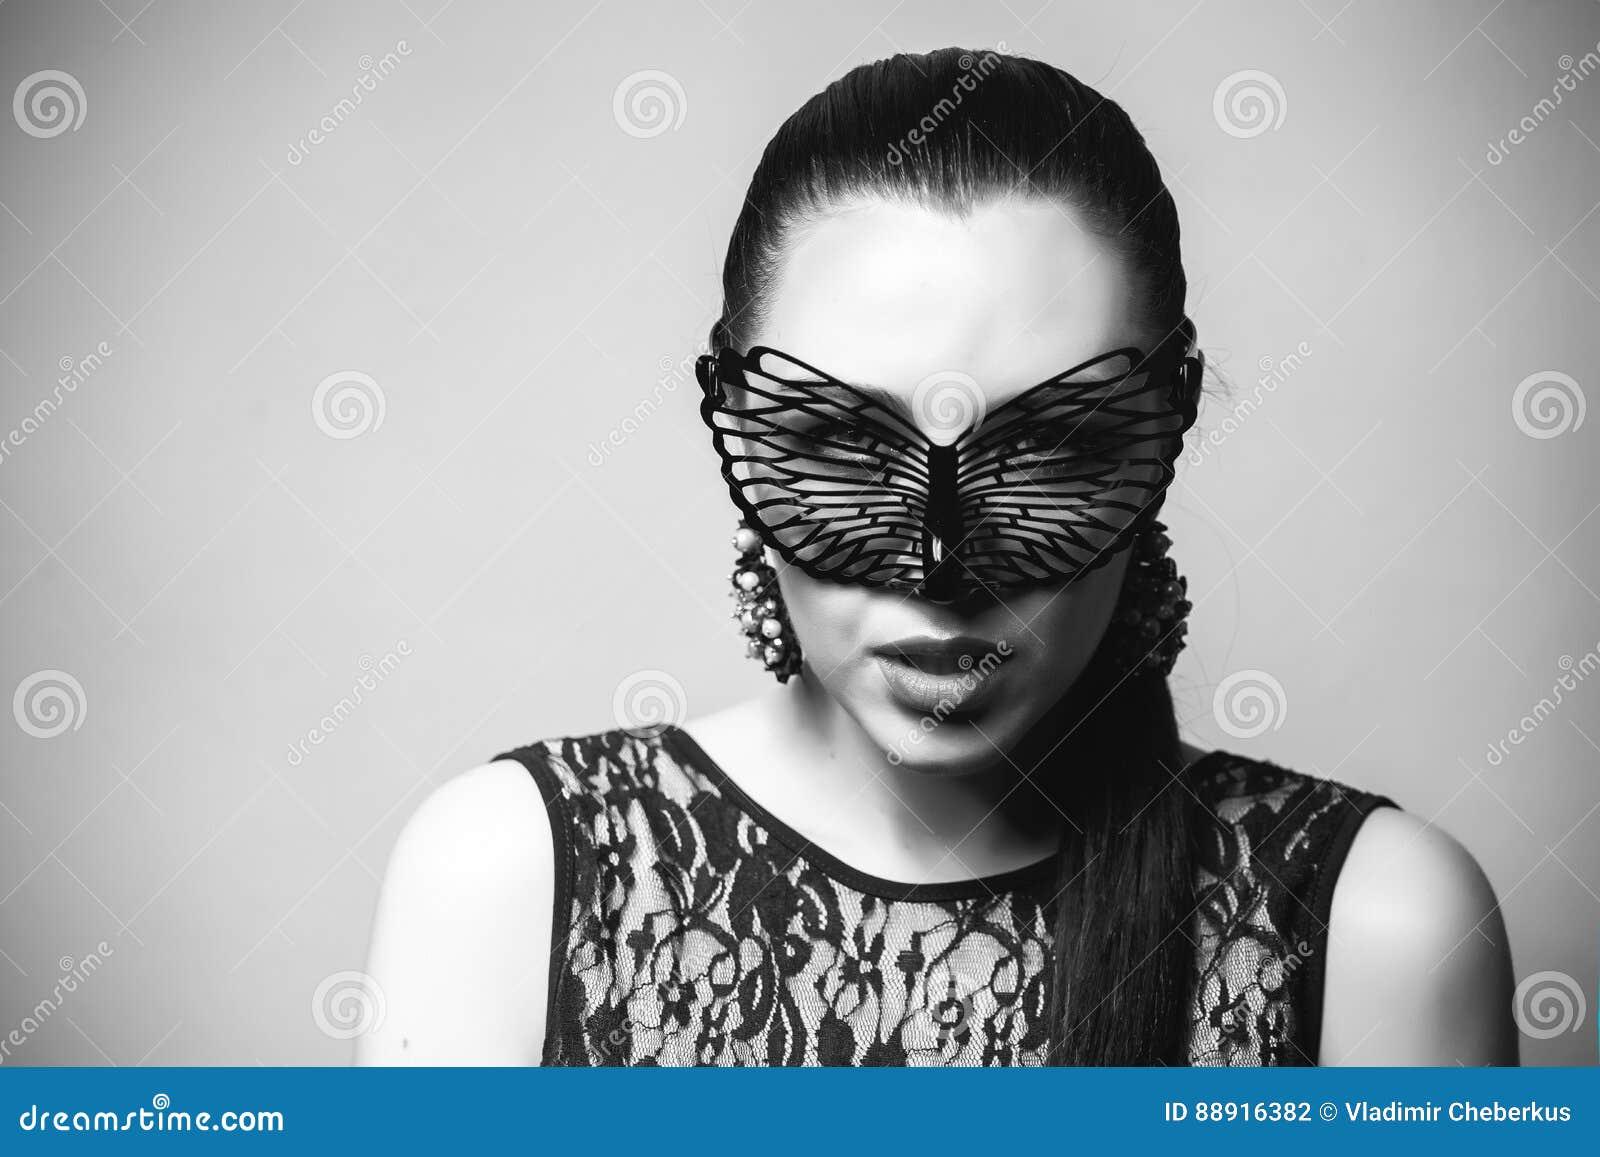 maschera nera per bocca